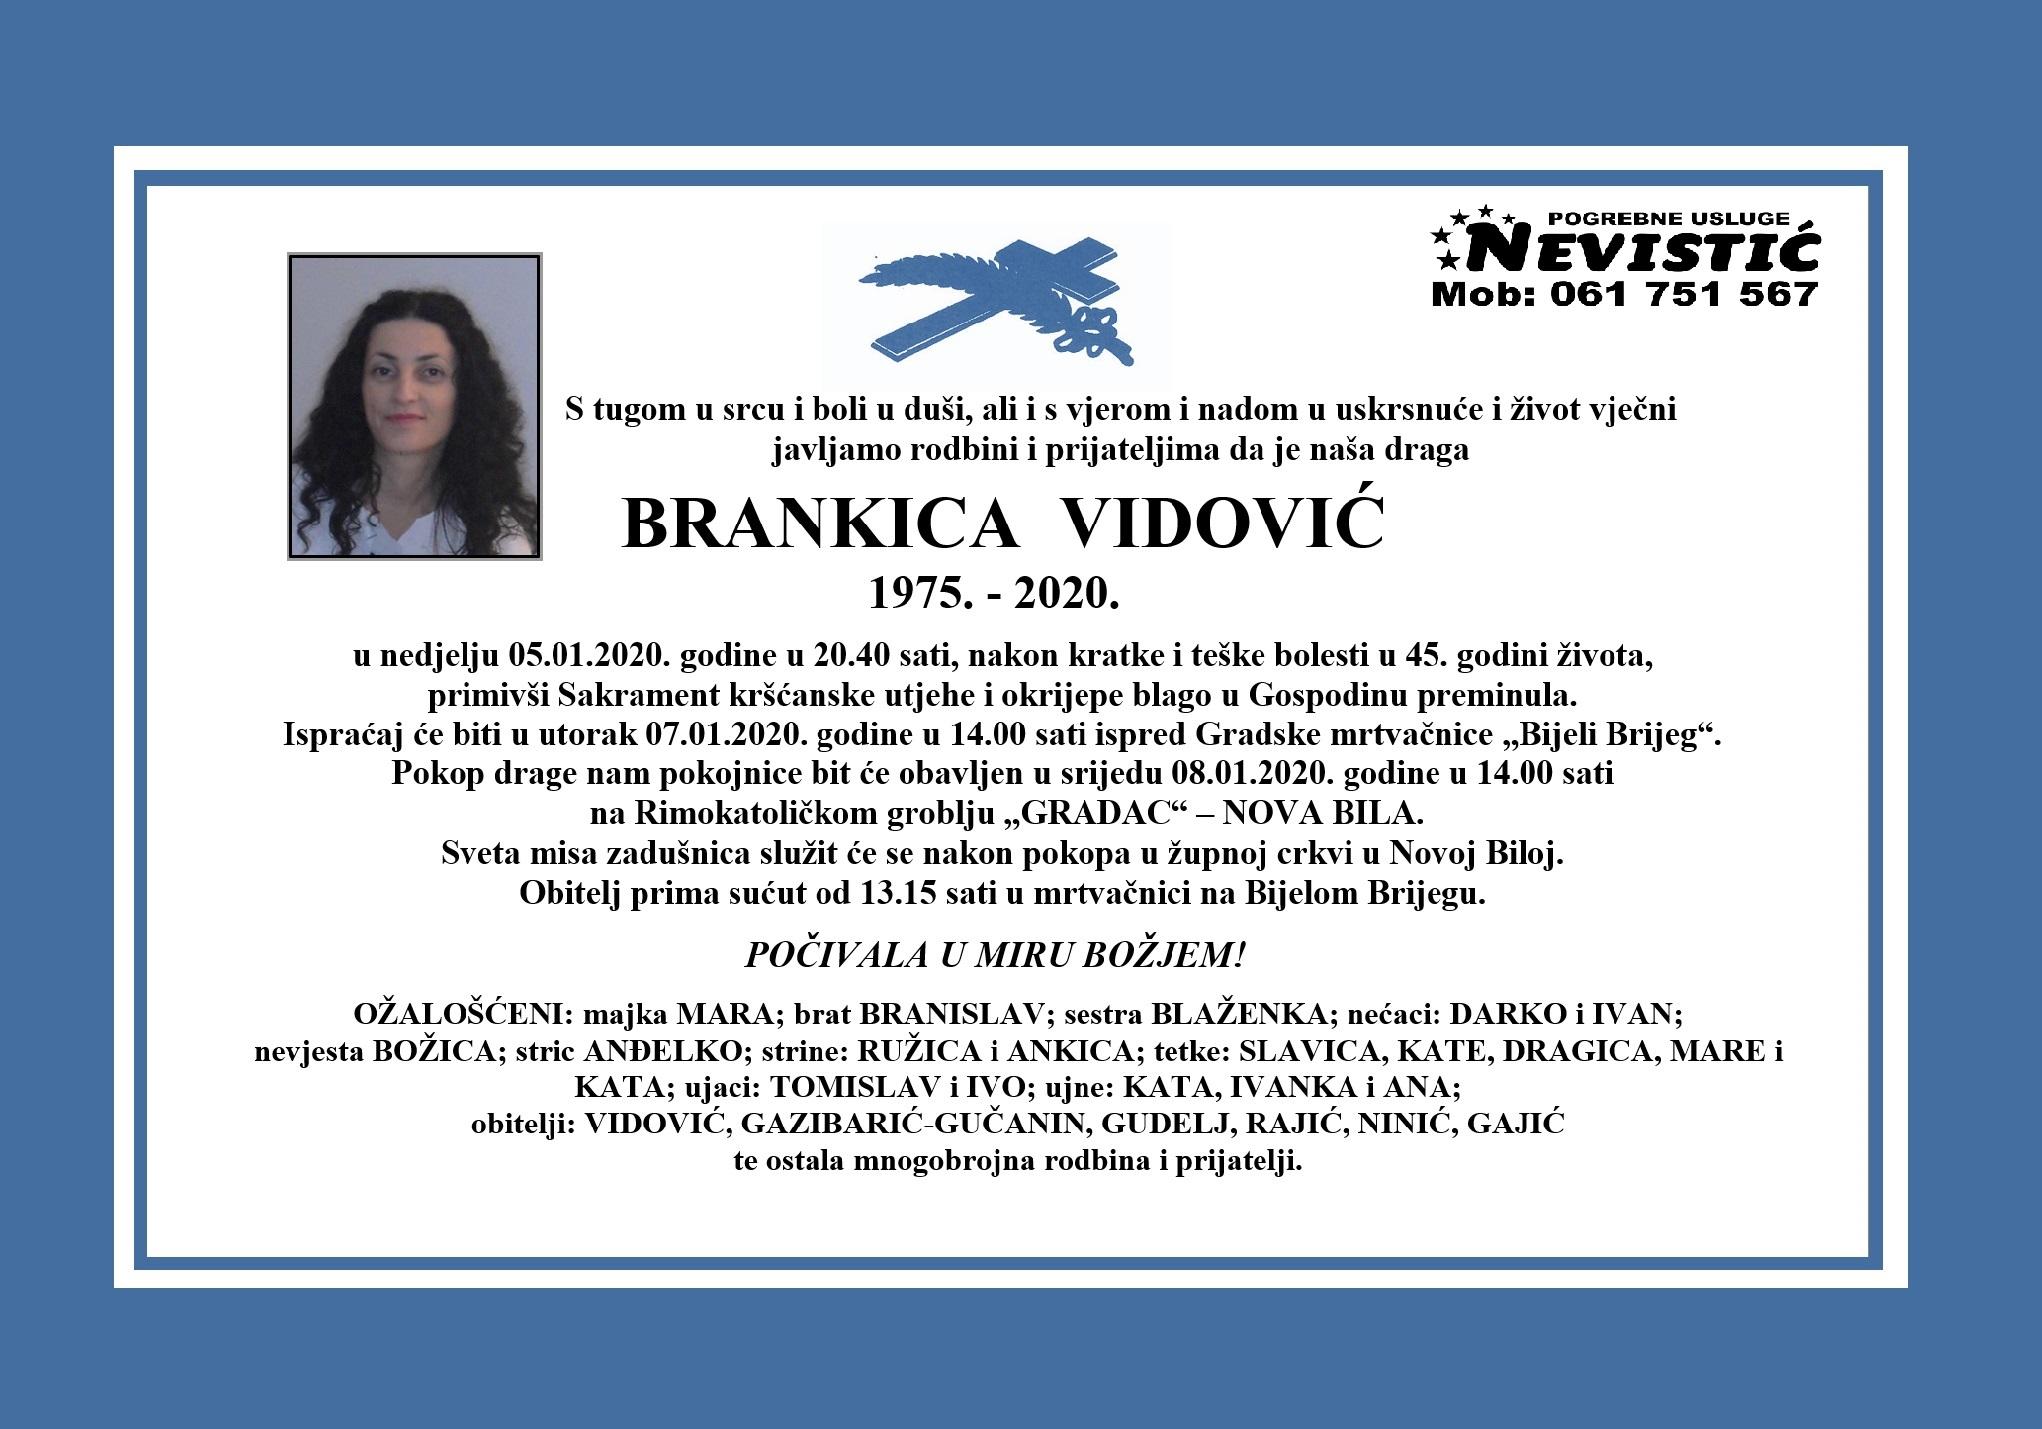 Brankica Vidović